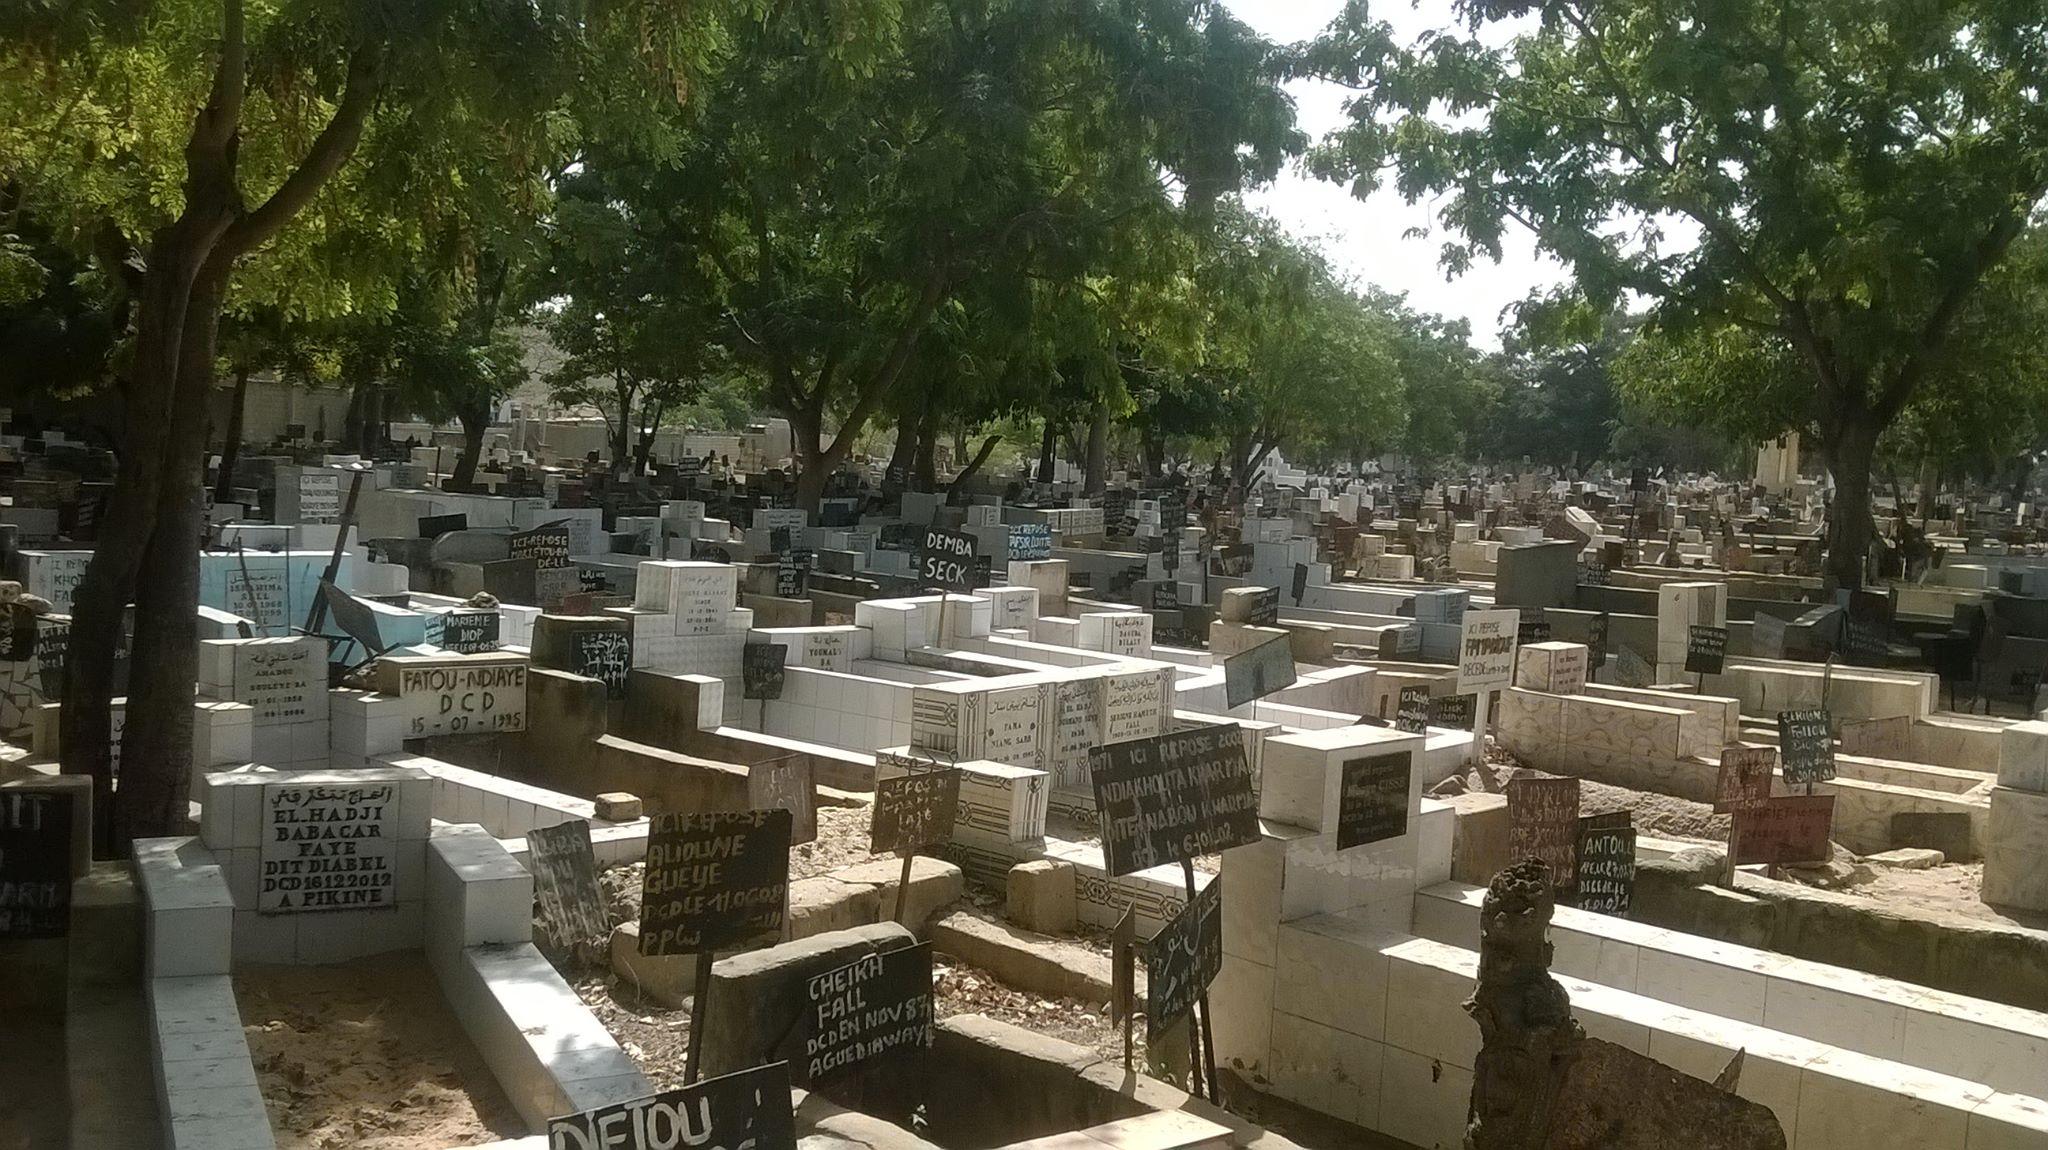 PROFANATION DE TOMBE AUX CIMETIÈRES DE PIKINE : Le corps d'une vieille dame exhumé